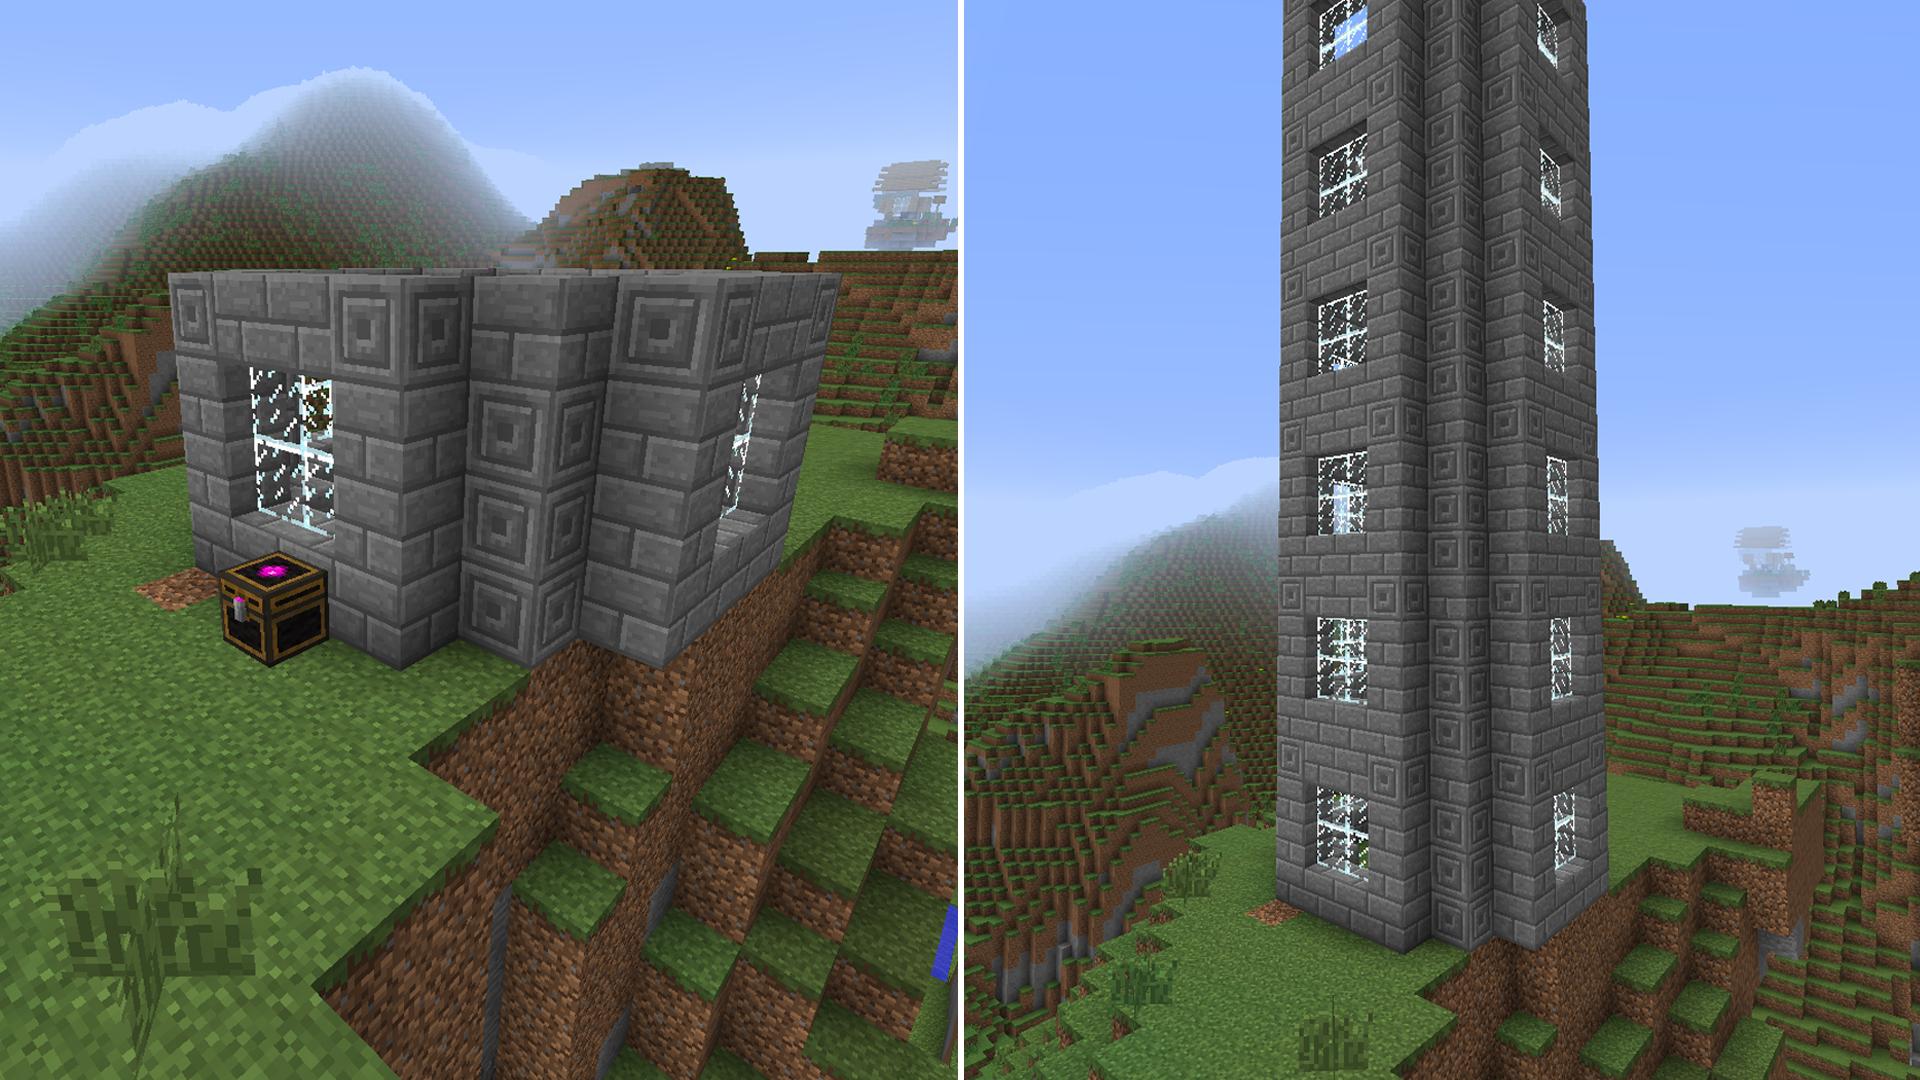 Minecraftday [DOWNLOAD] Minecraft Mod Wireless Redstone Minecraft Mods